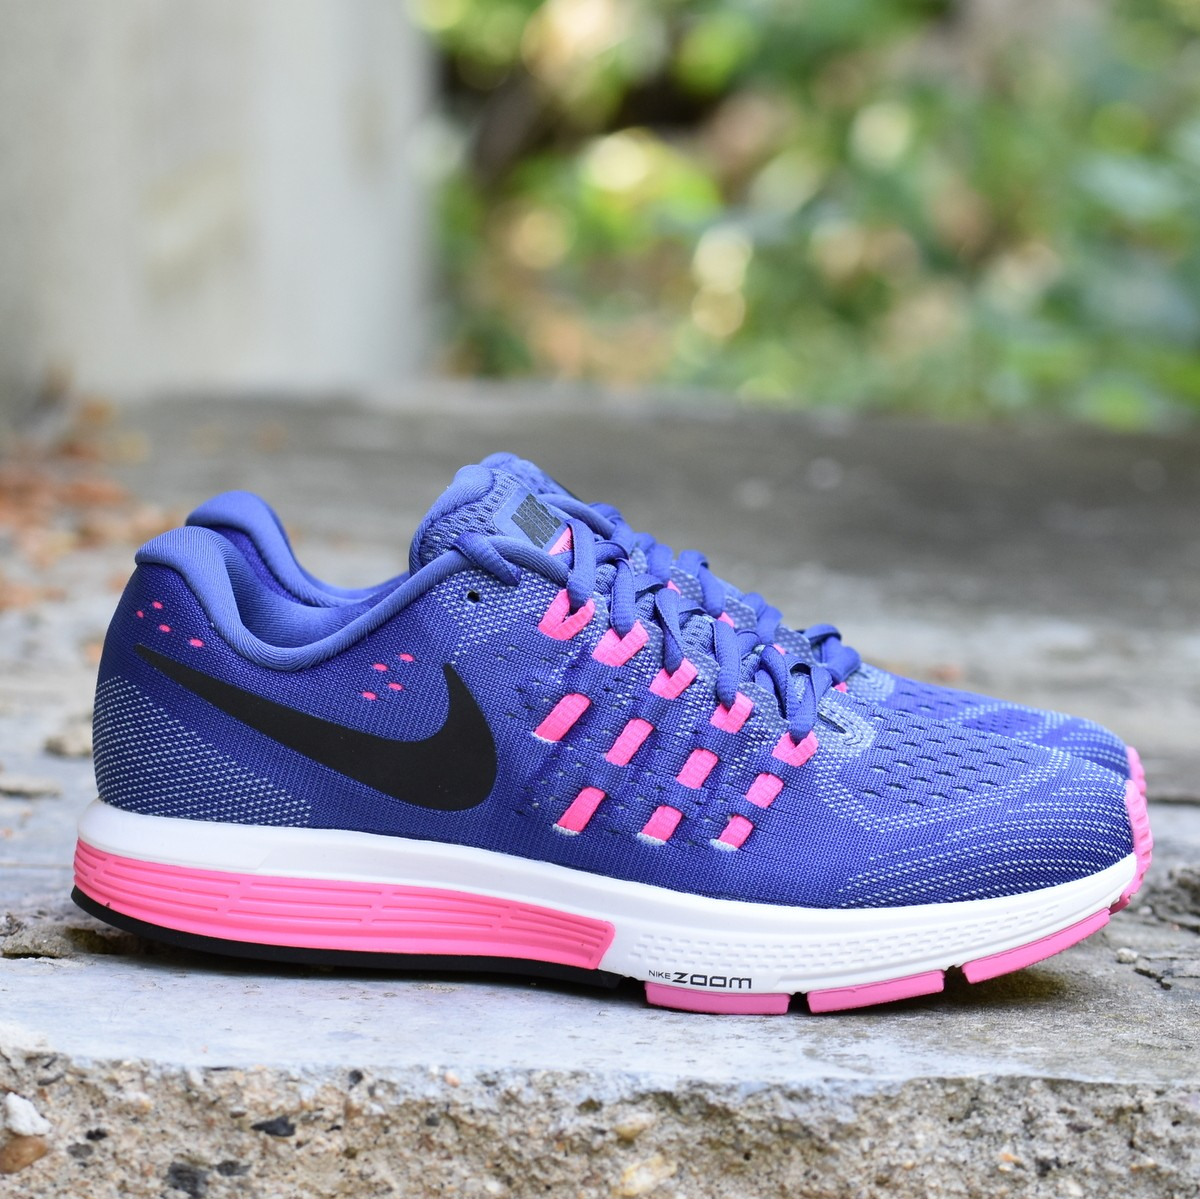 Nike AIR ZOOM VOMERO 11 Dámské boty EU 36.5 818100-500